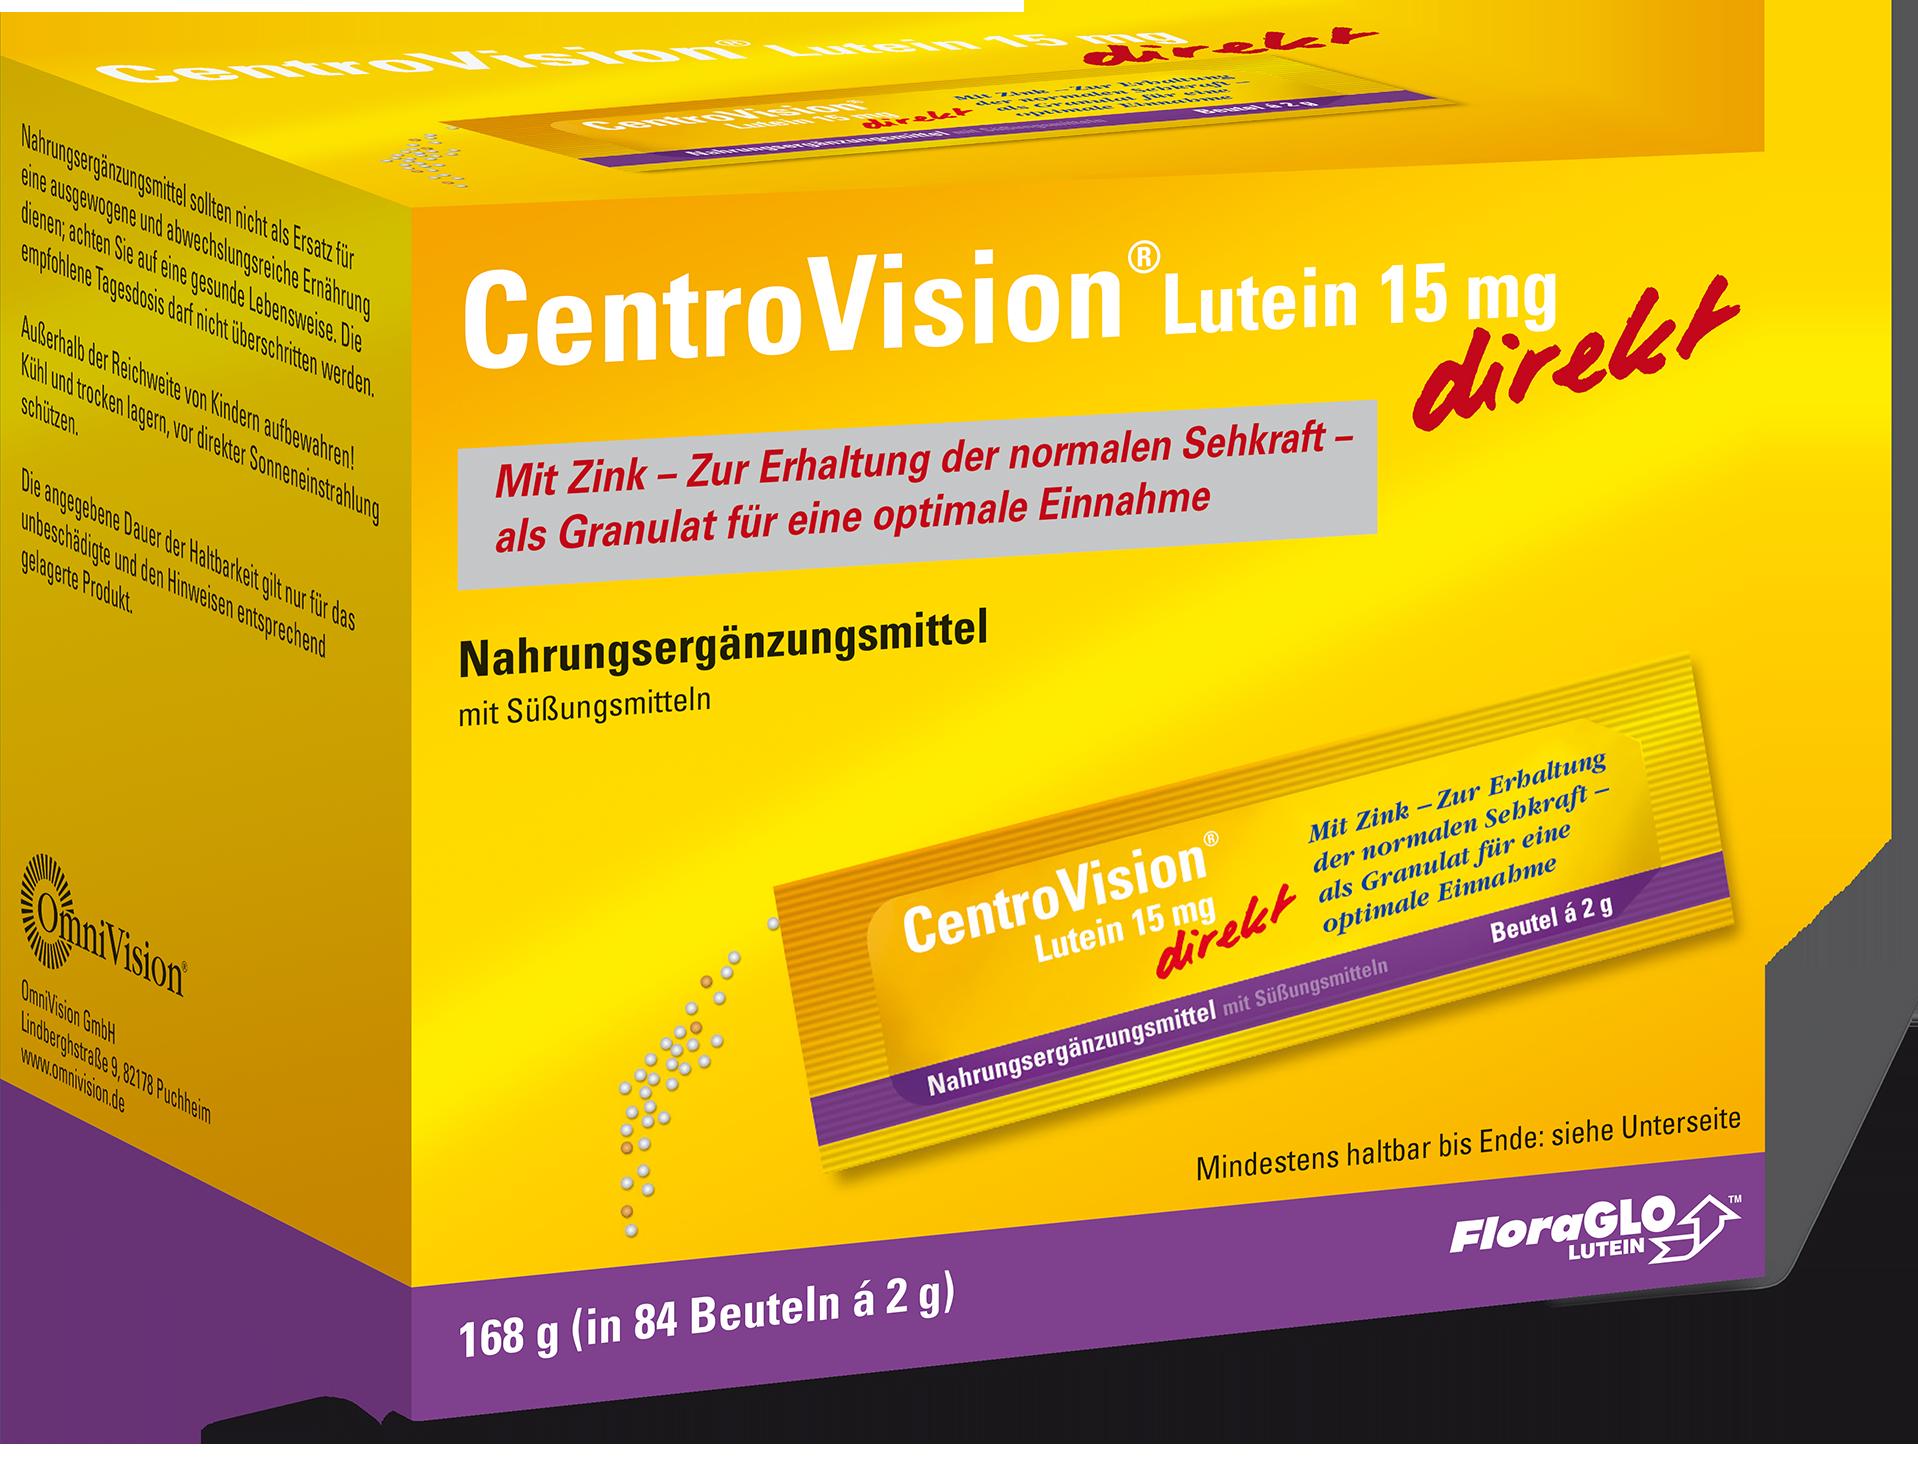 CentroVisionu00ae Lutein 15 mg direkt - 84 Stu00fcck